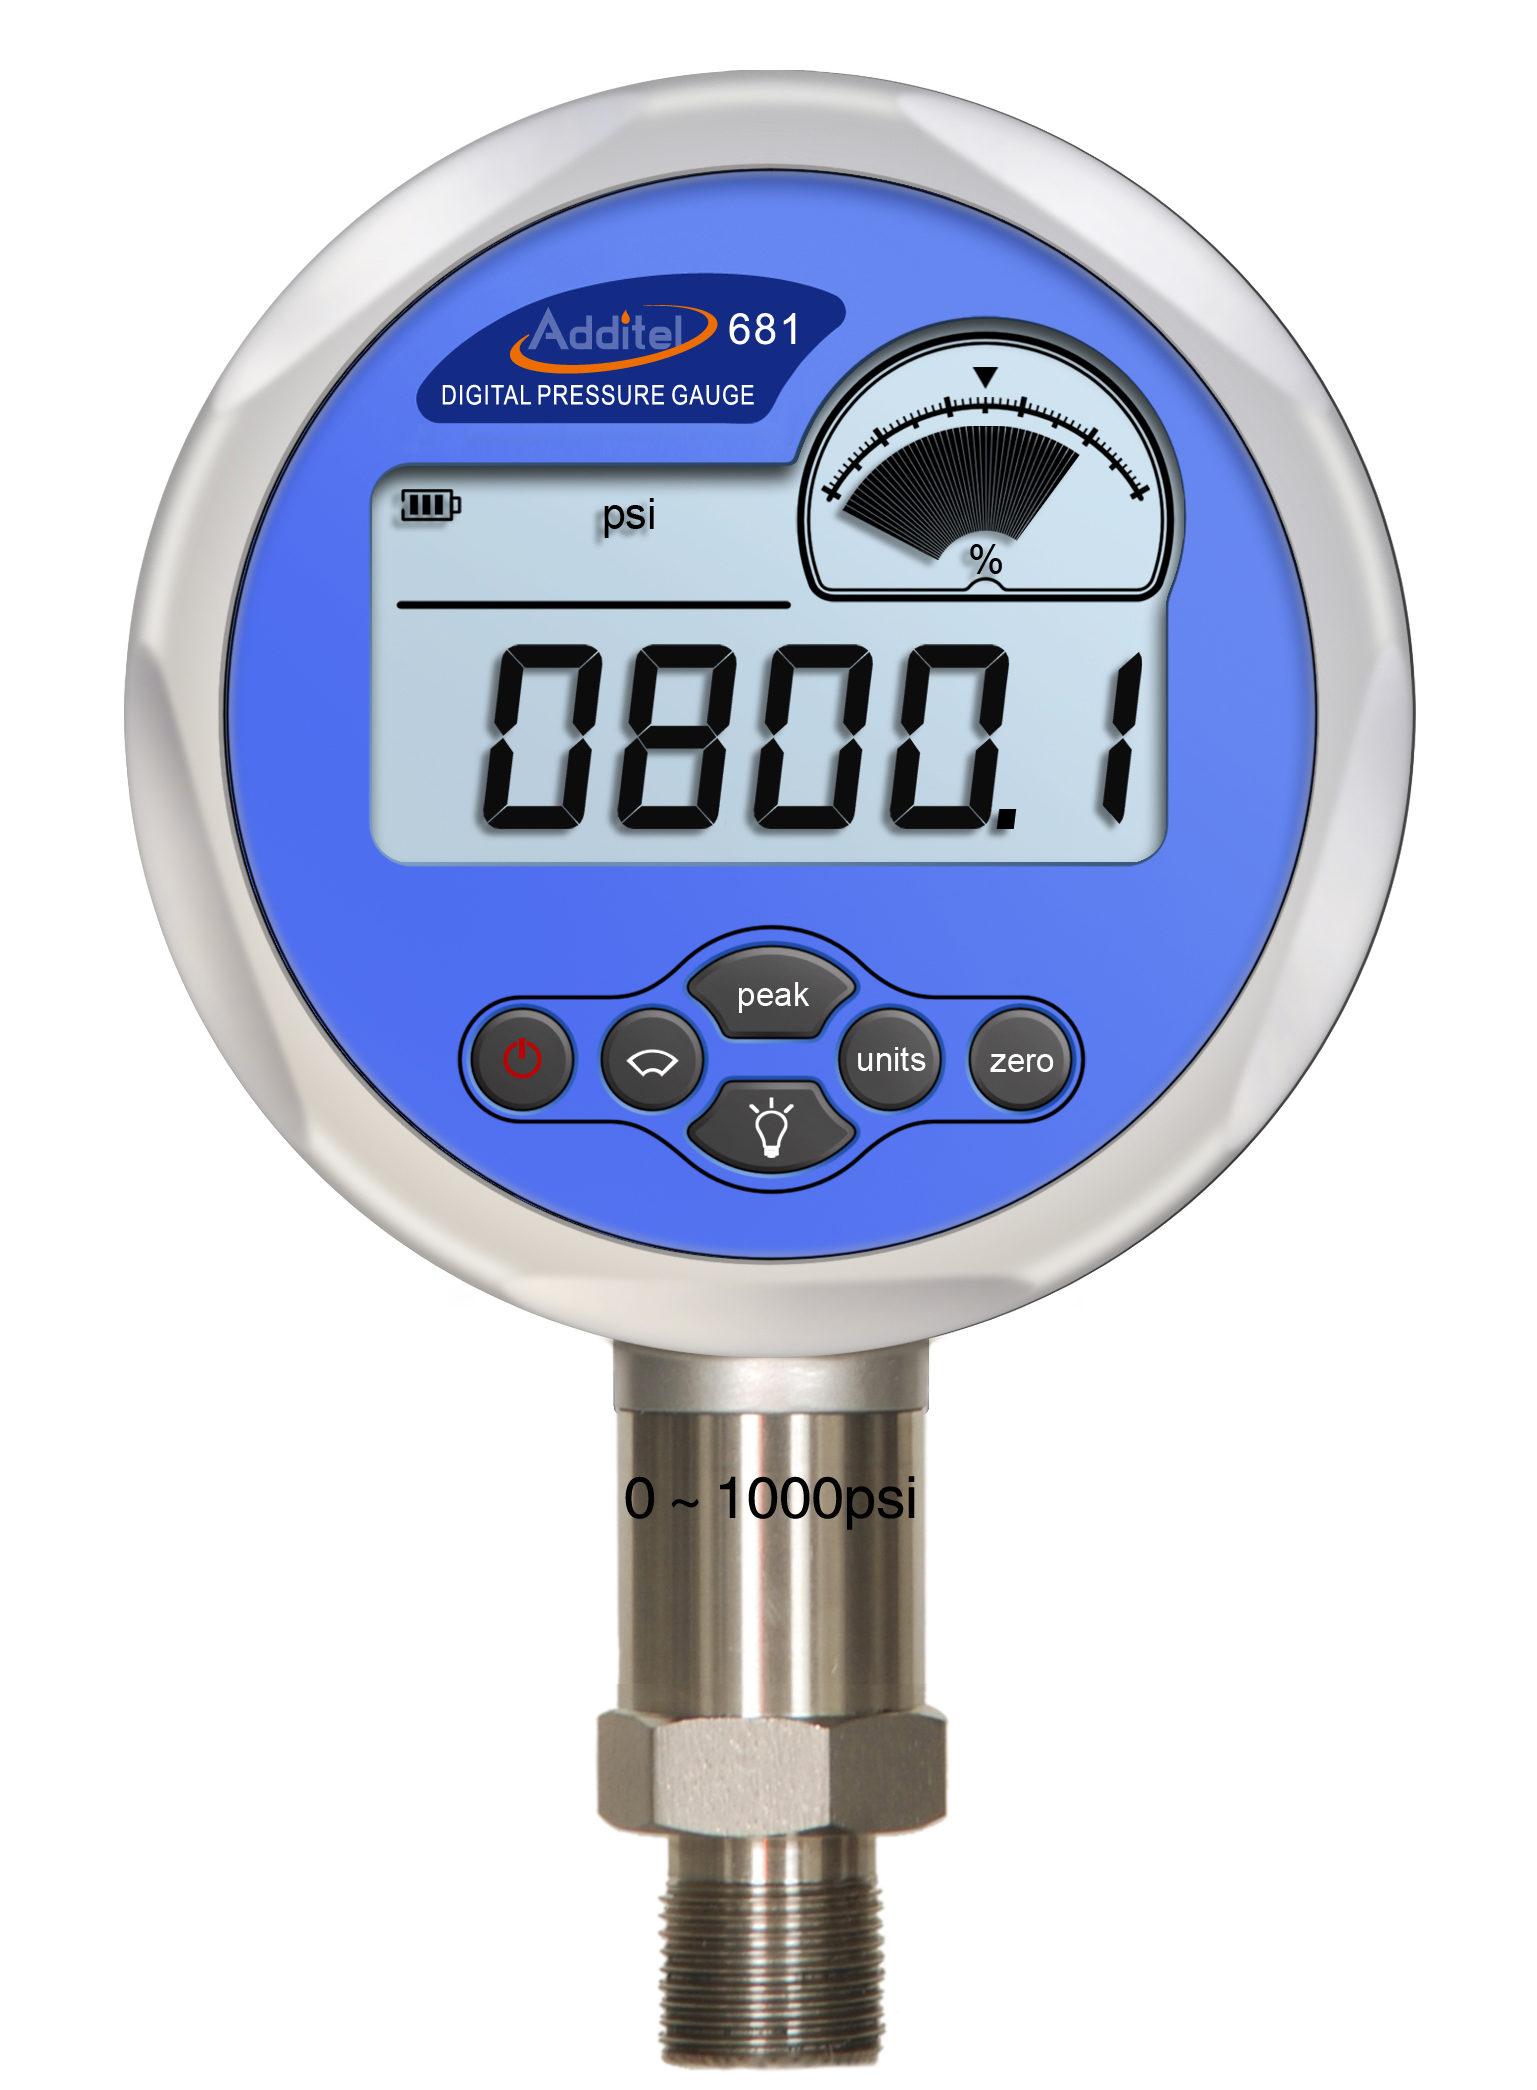 Digital Pressure Meter : Additel digital pressure gauge tool testing lab